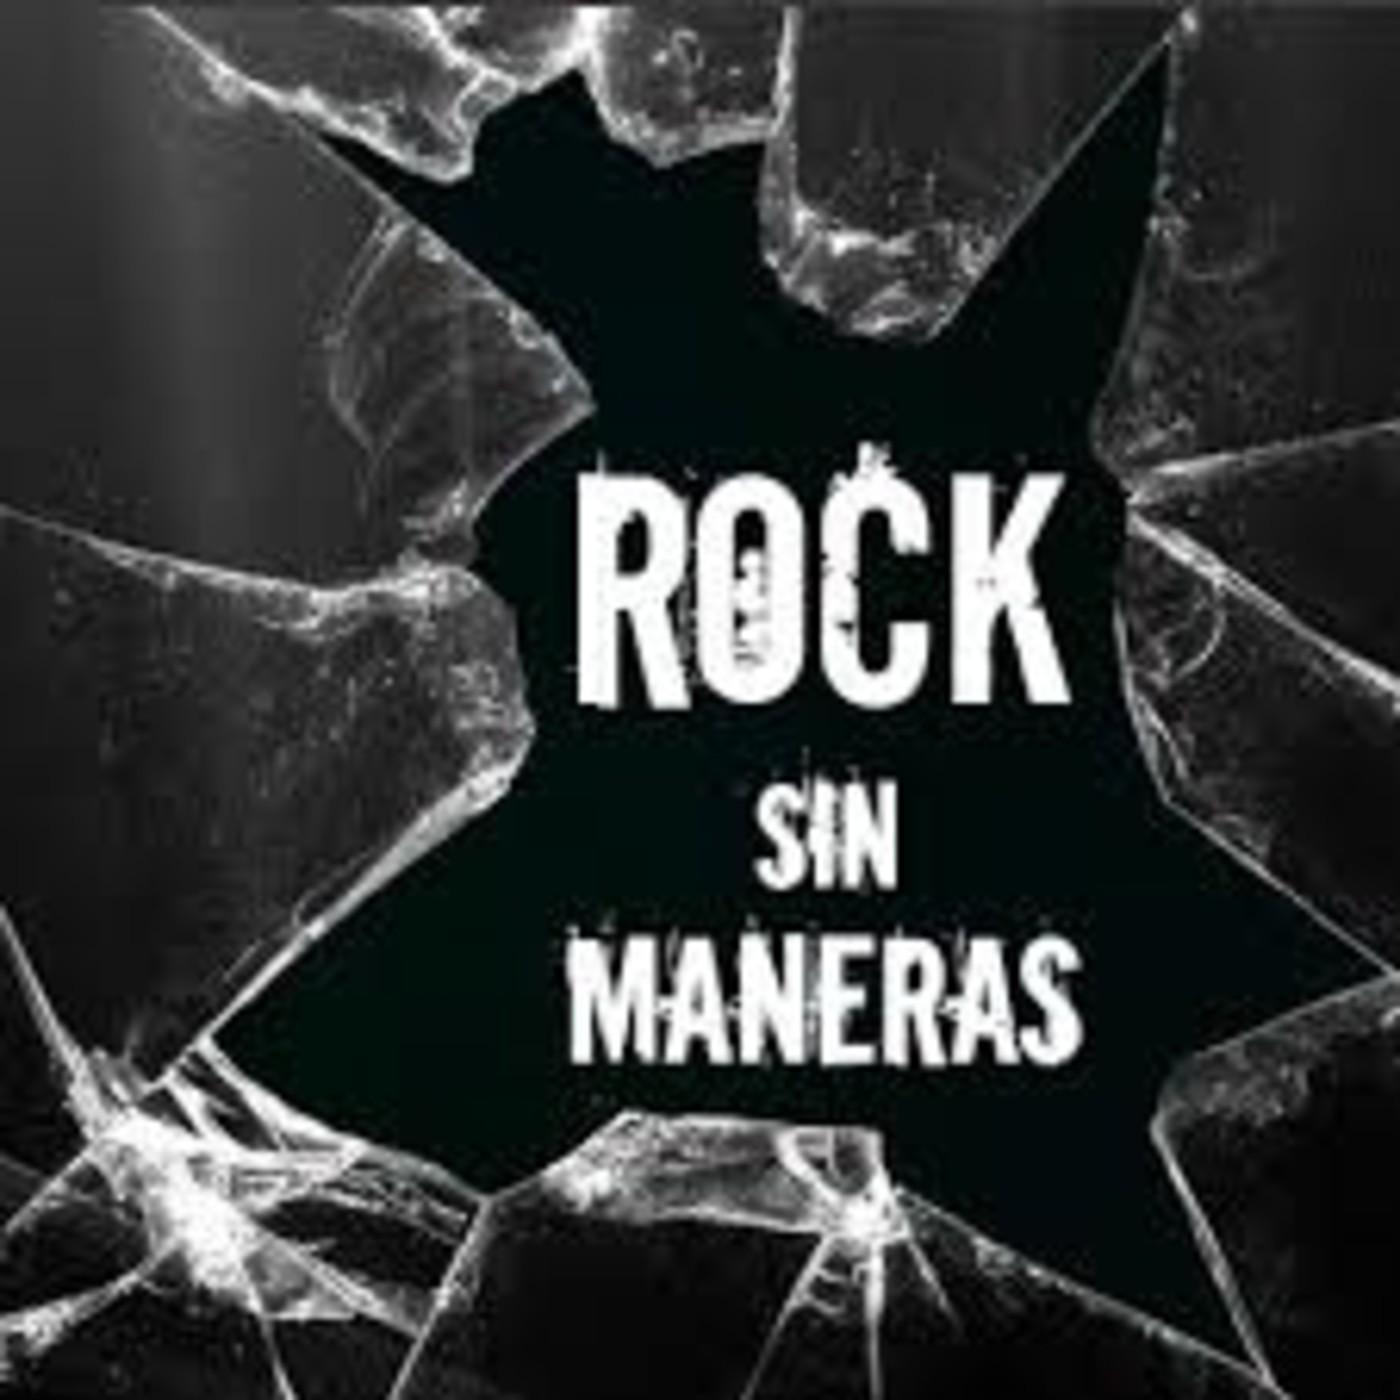 RocksinManeras 05x07: entrevista a Nocturnia